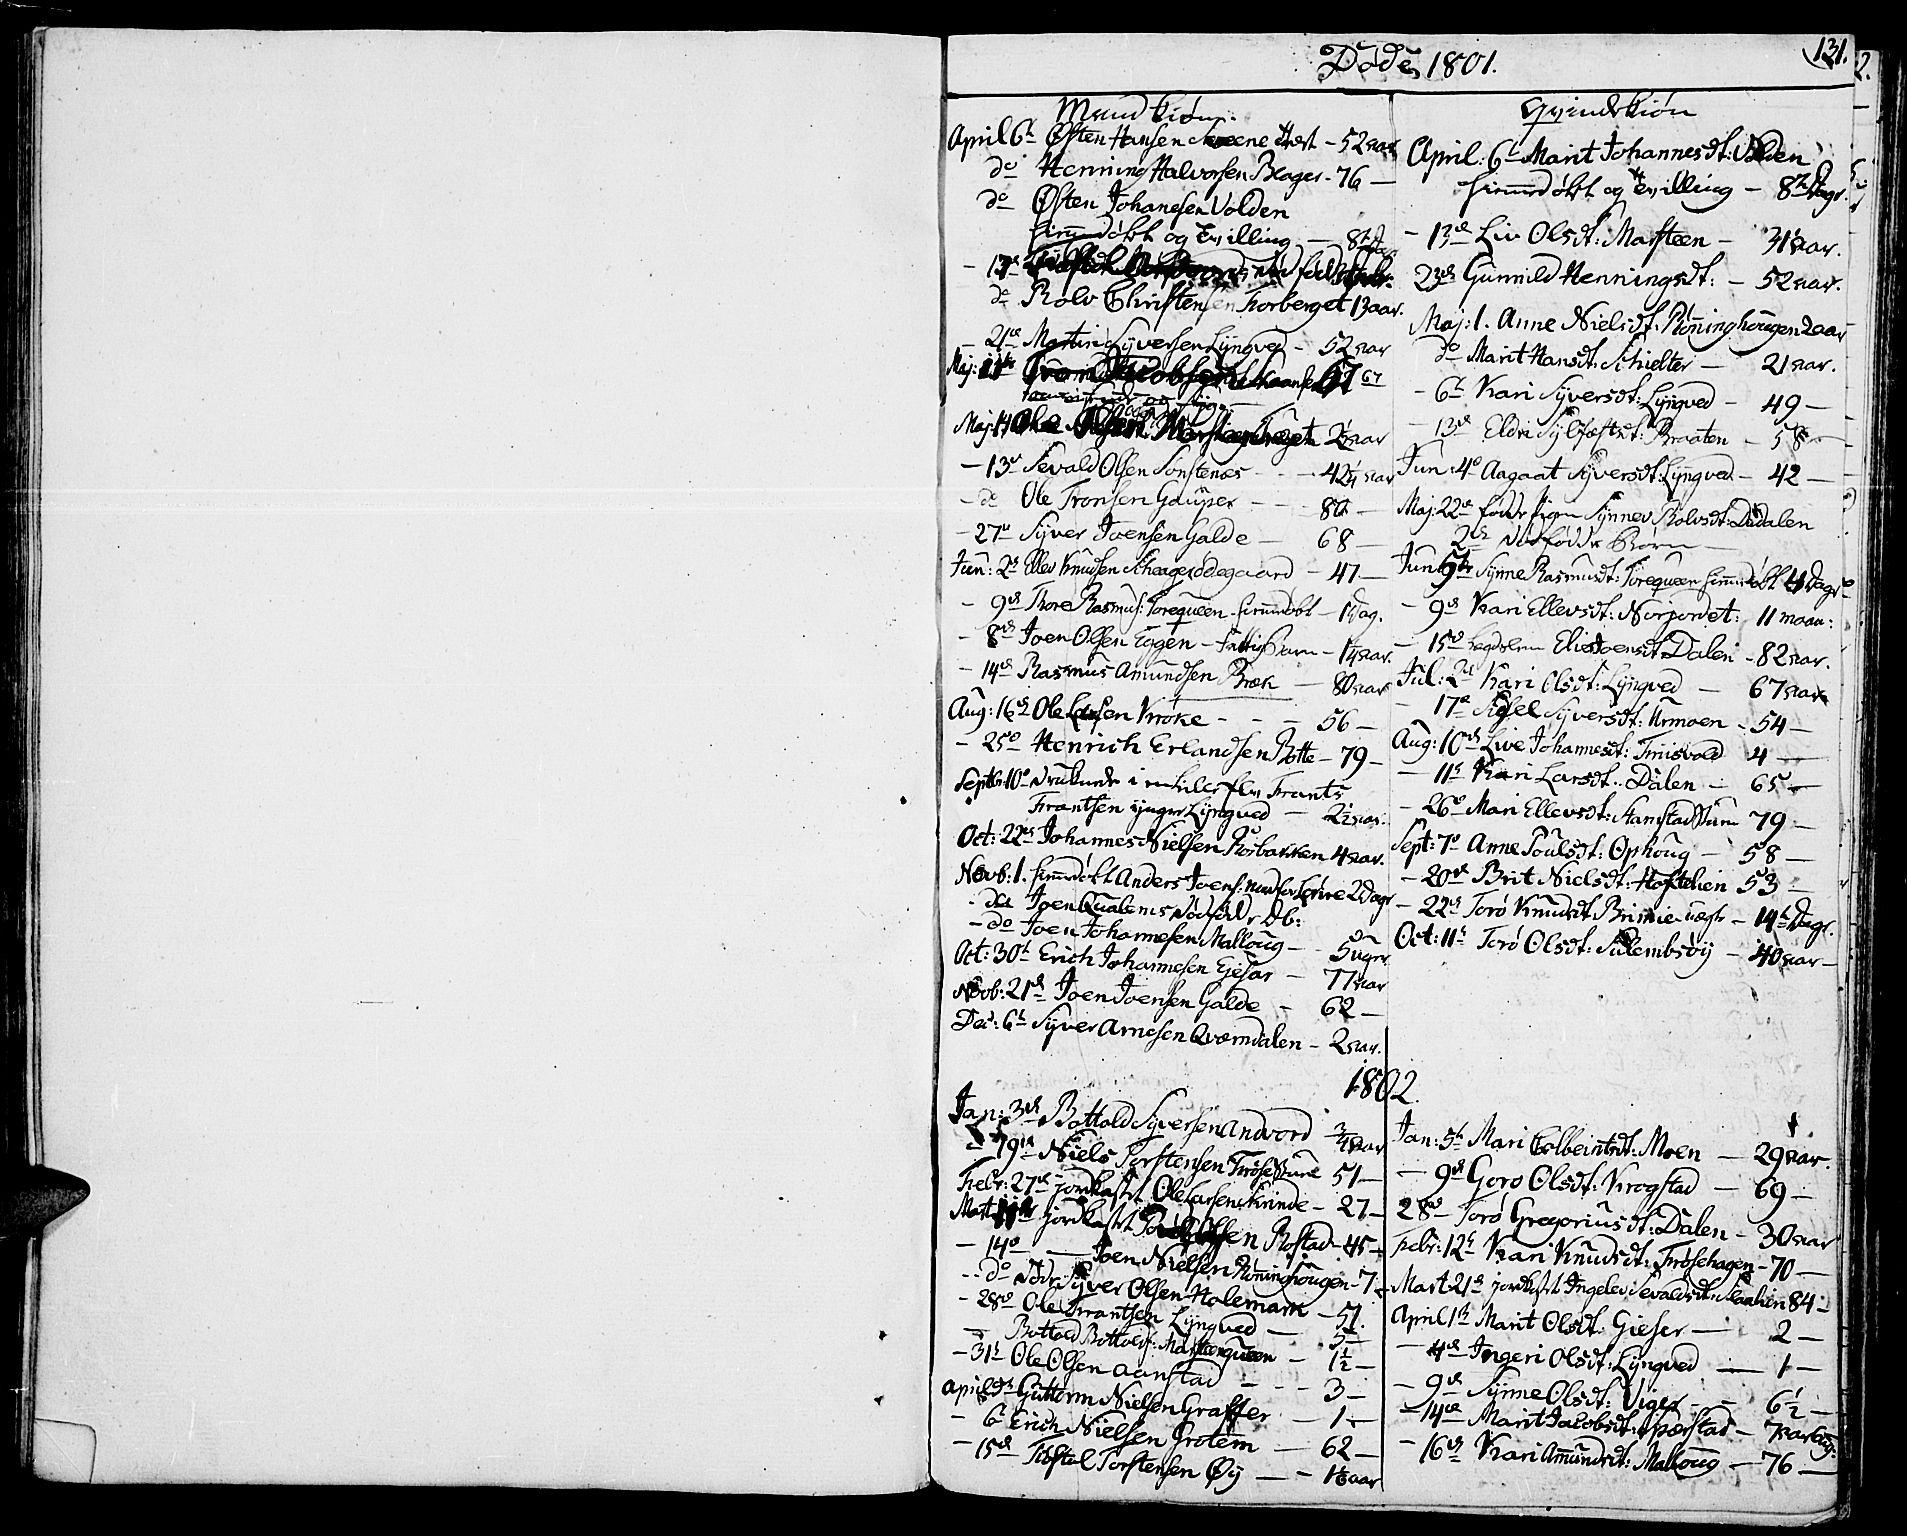 SAH, Lom prestekontor, K/L0003: Ministerialbok nr. 3, 1801-1825, s. 131